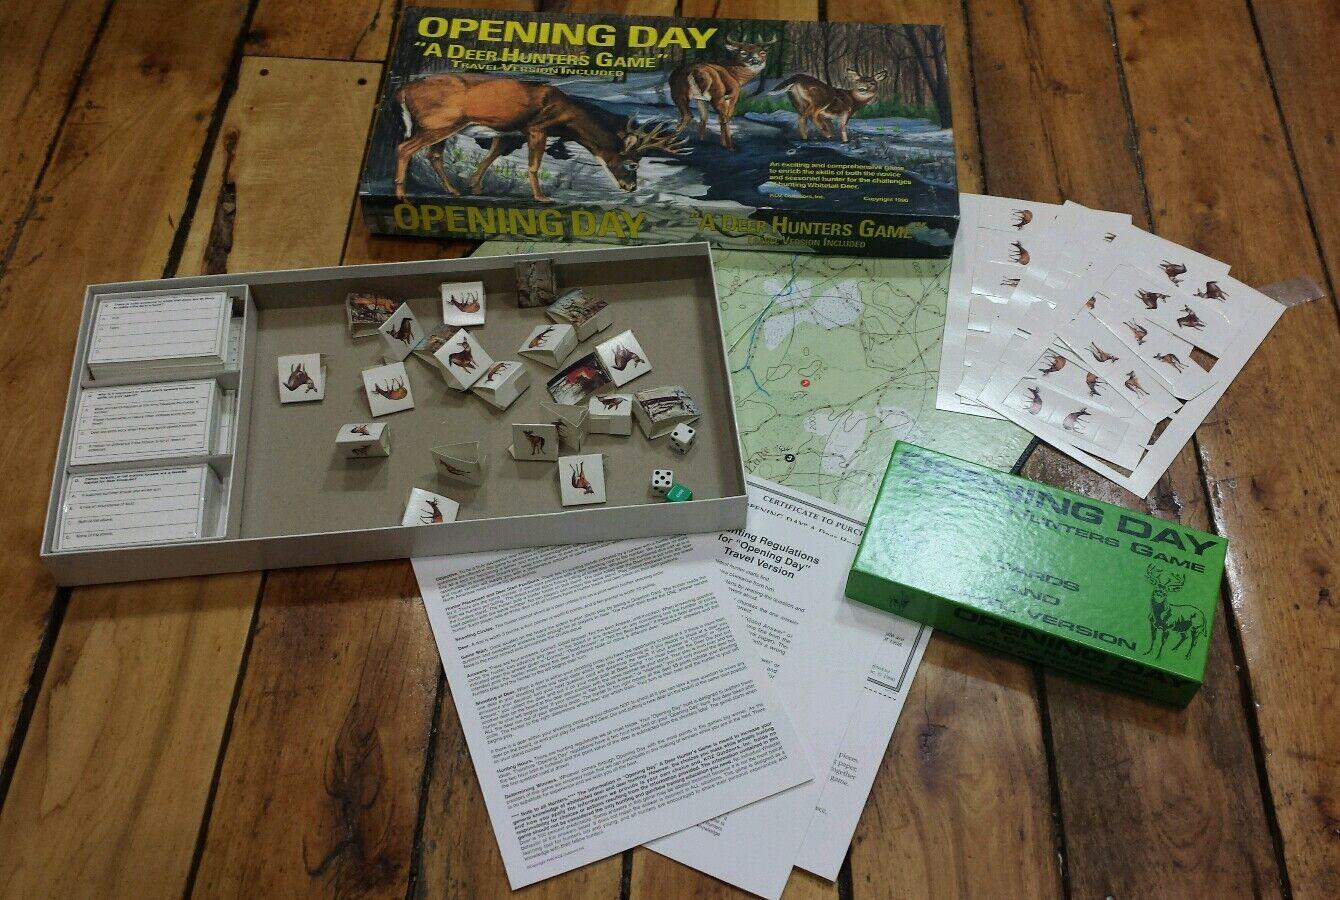 Día de apertura  un juego de los cazadores de ciervo (1990), Juego De Mesa Trivia caza Koz Outdoors